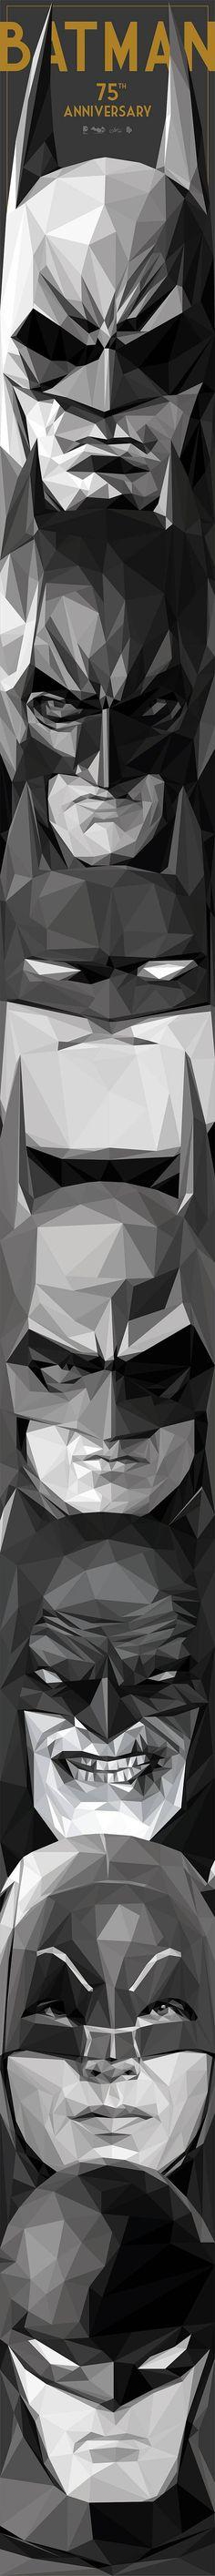 Trabajo de ilustración por el 74 aniversario de Batman...Batman 75th Anniversary artwork - Visit now to grab yourself a super hero shirt today at 40% off!